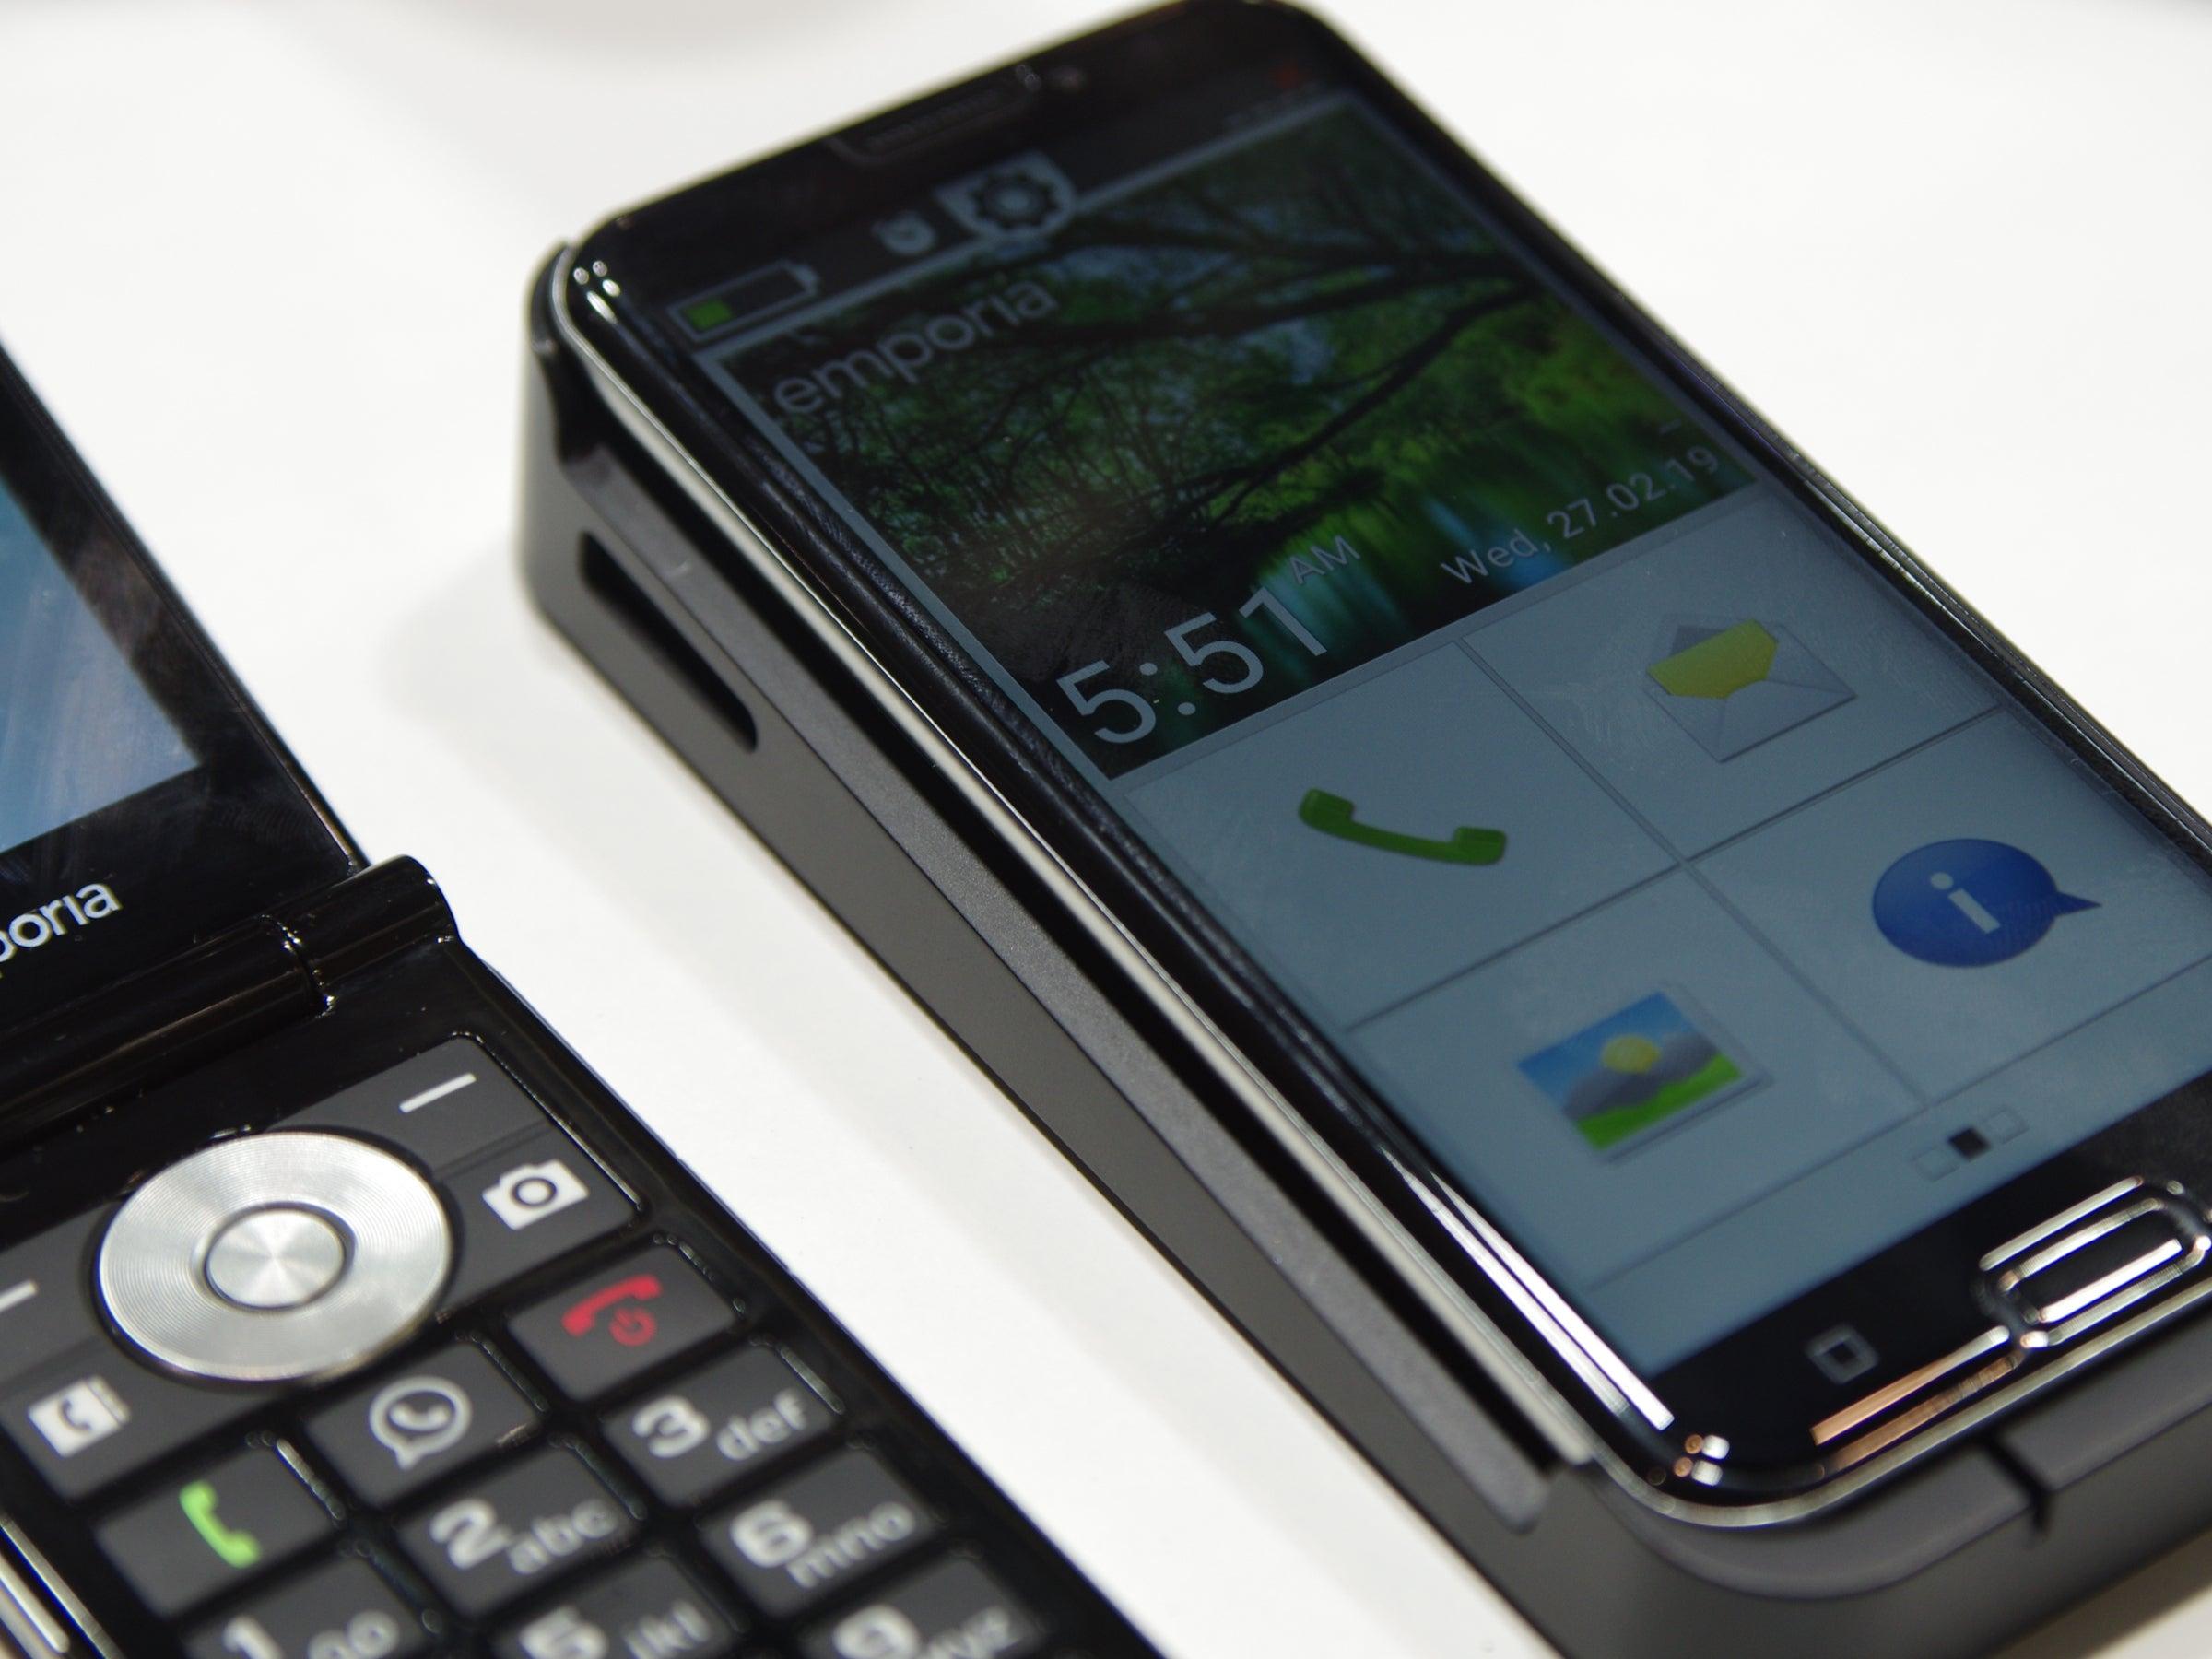 Klappsmartphone und Smartphone nebeneinander